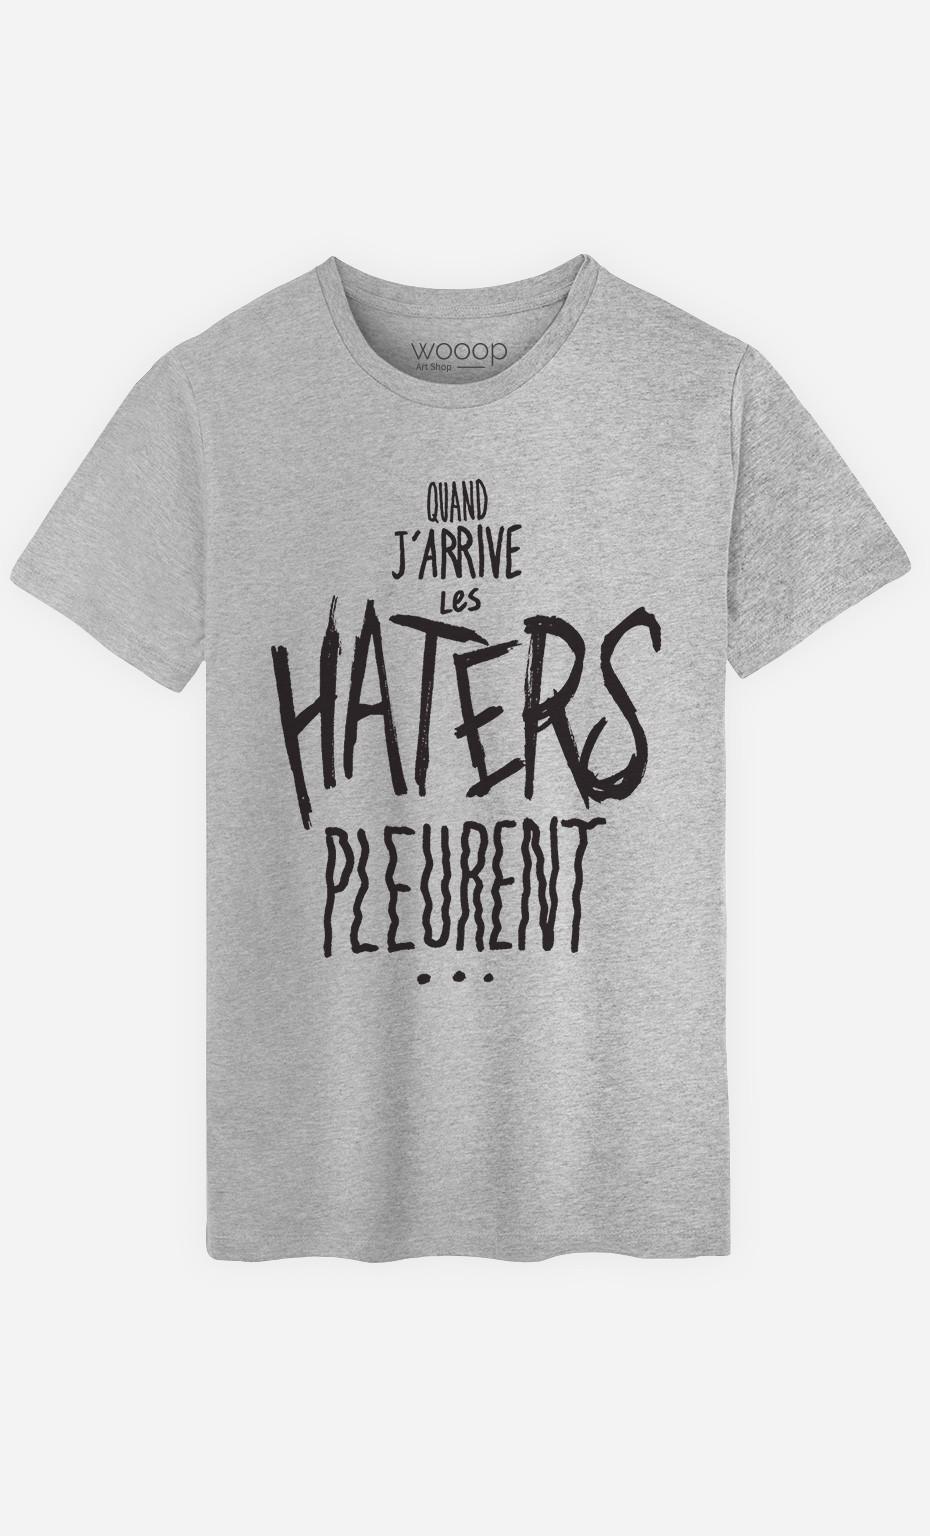 T-Shirt Homme Les Haters Pleurent